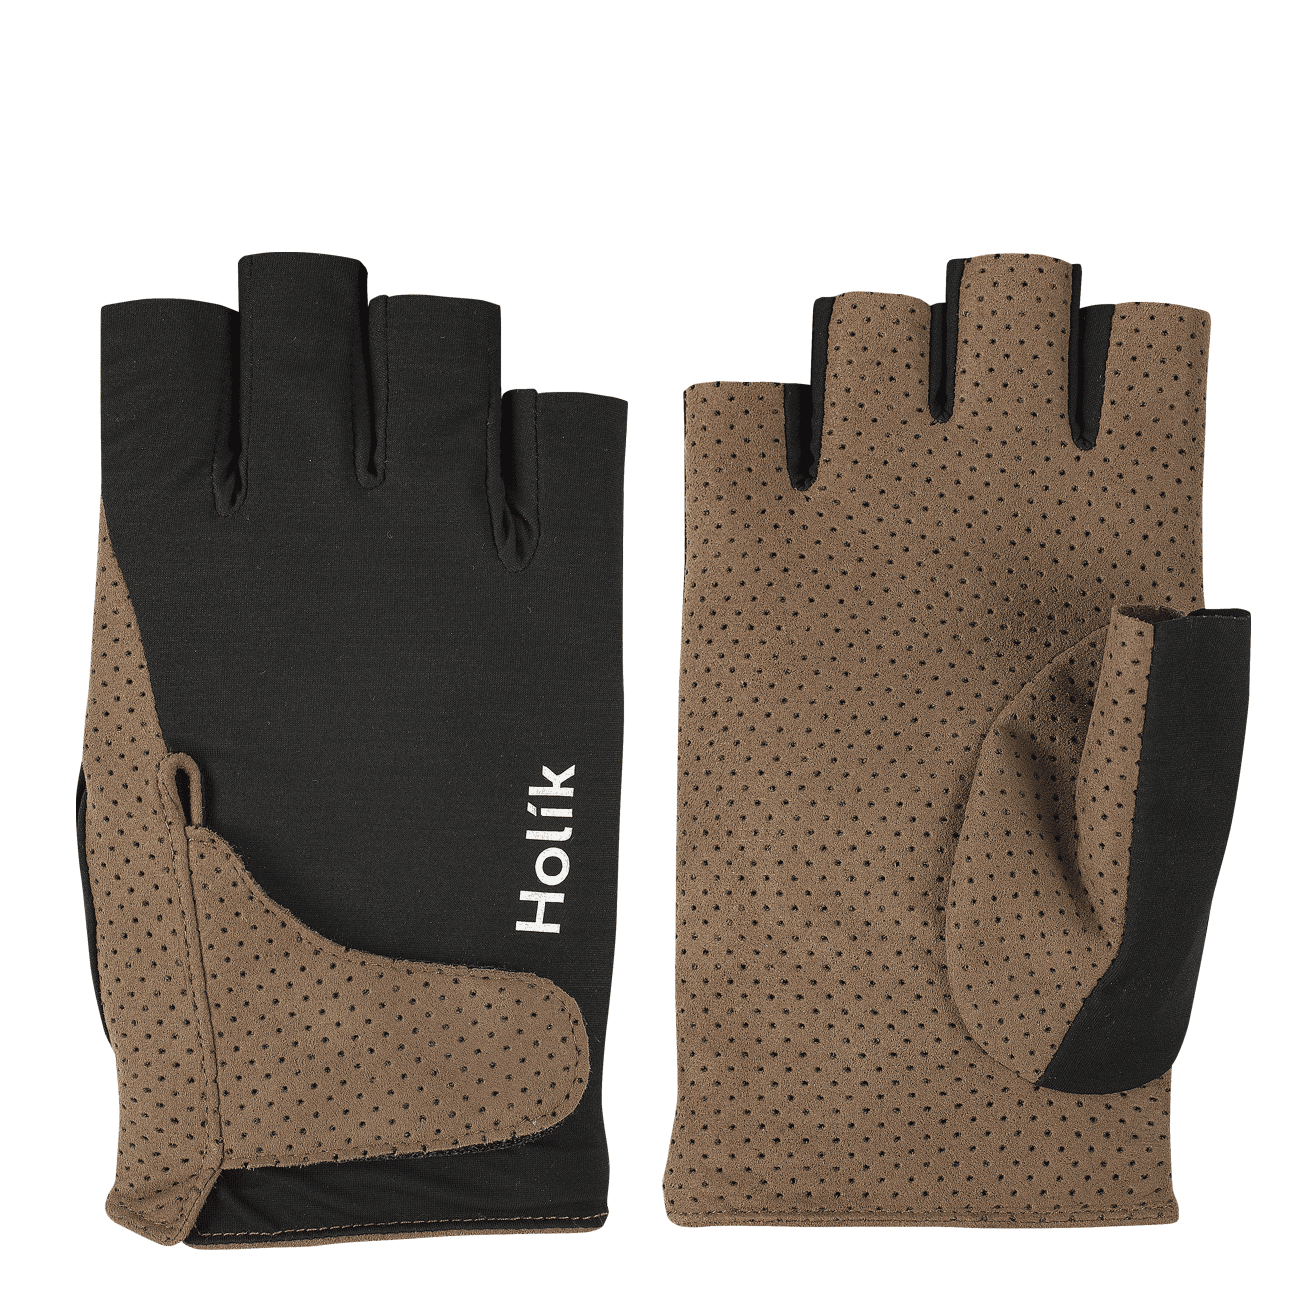 Holik Gloves Alyssa 8390